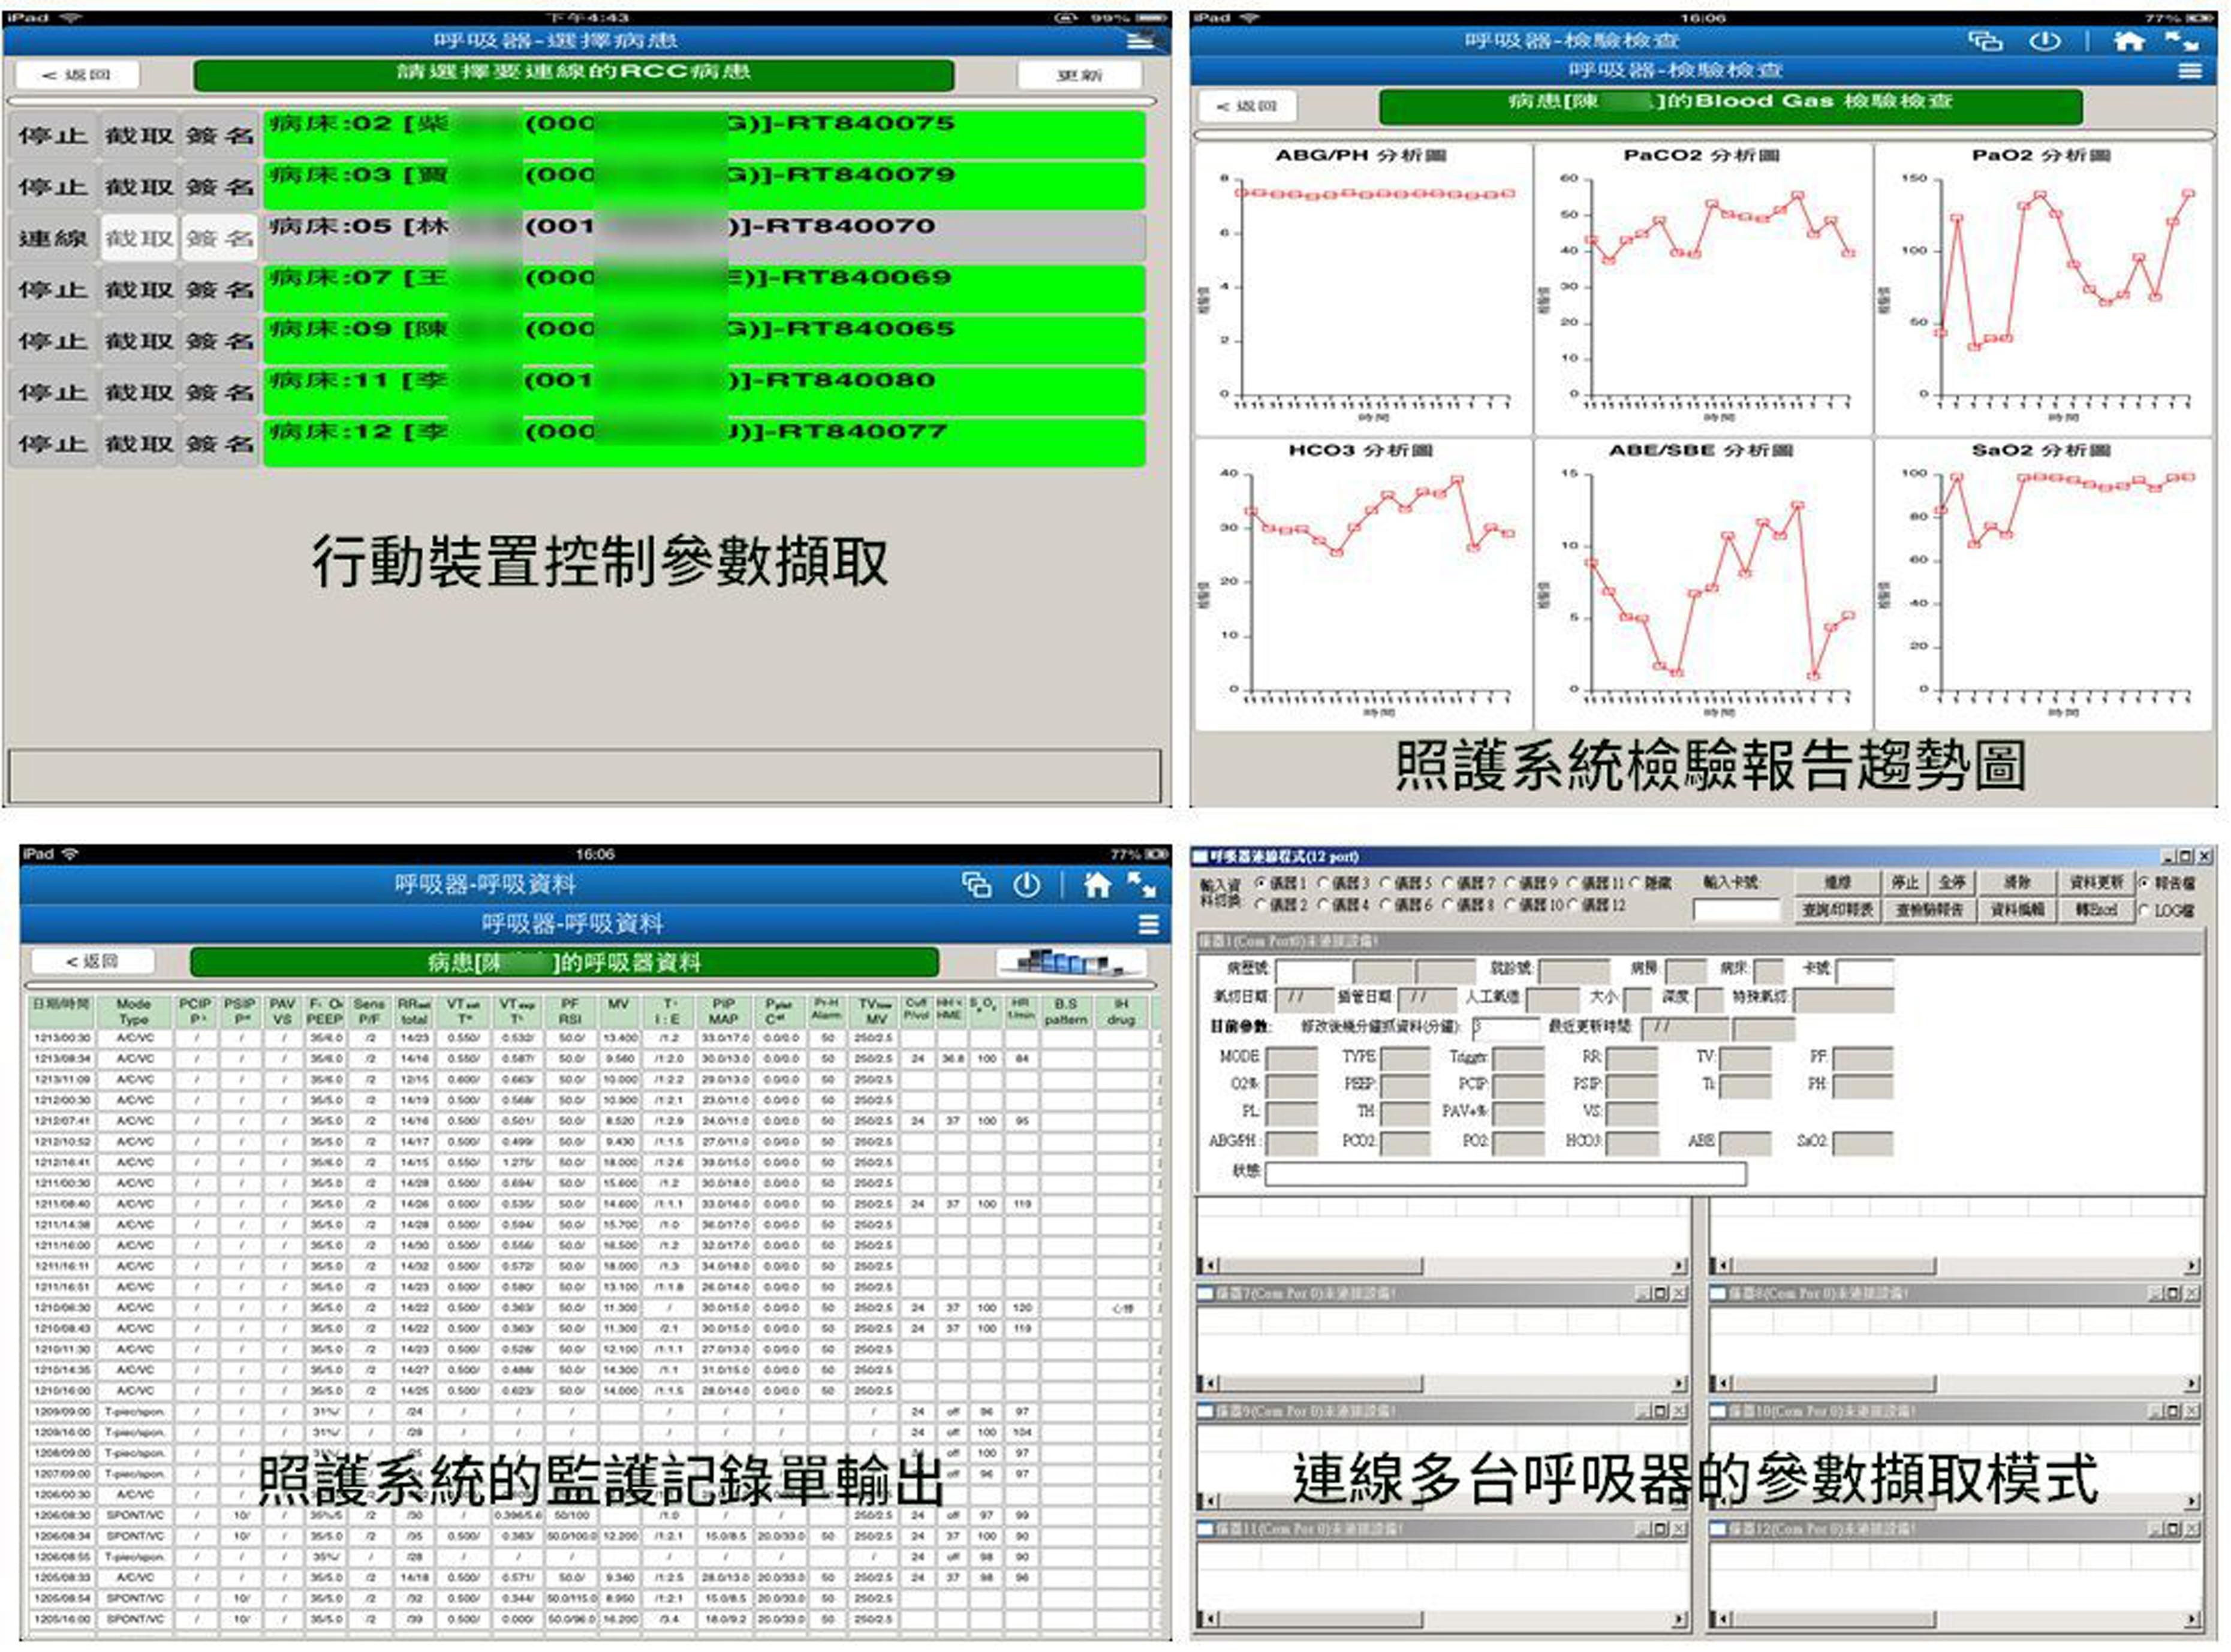 照護系統功能圖片,<左上>呼吸器參數擷取設定可使用行動裝置控制參數擷取,<右上>照護系統的檢驗報告趨勢圖形呈現,<左下>照護系統的監護記錄單輸出,<右下>可連線多台呼吸器的參數擷取模式